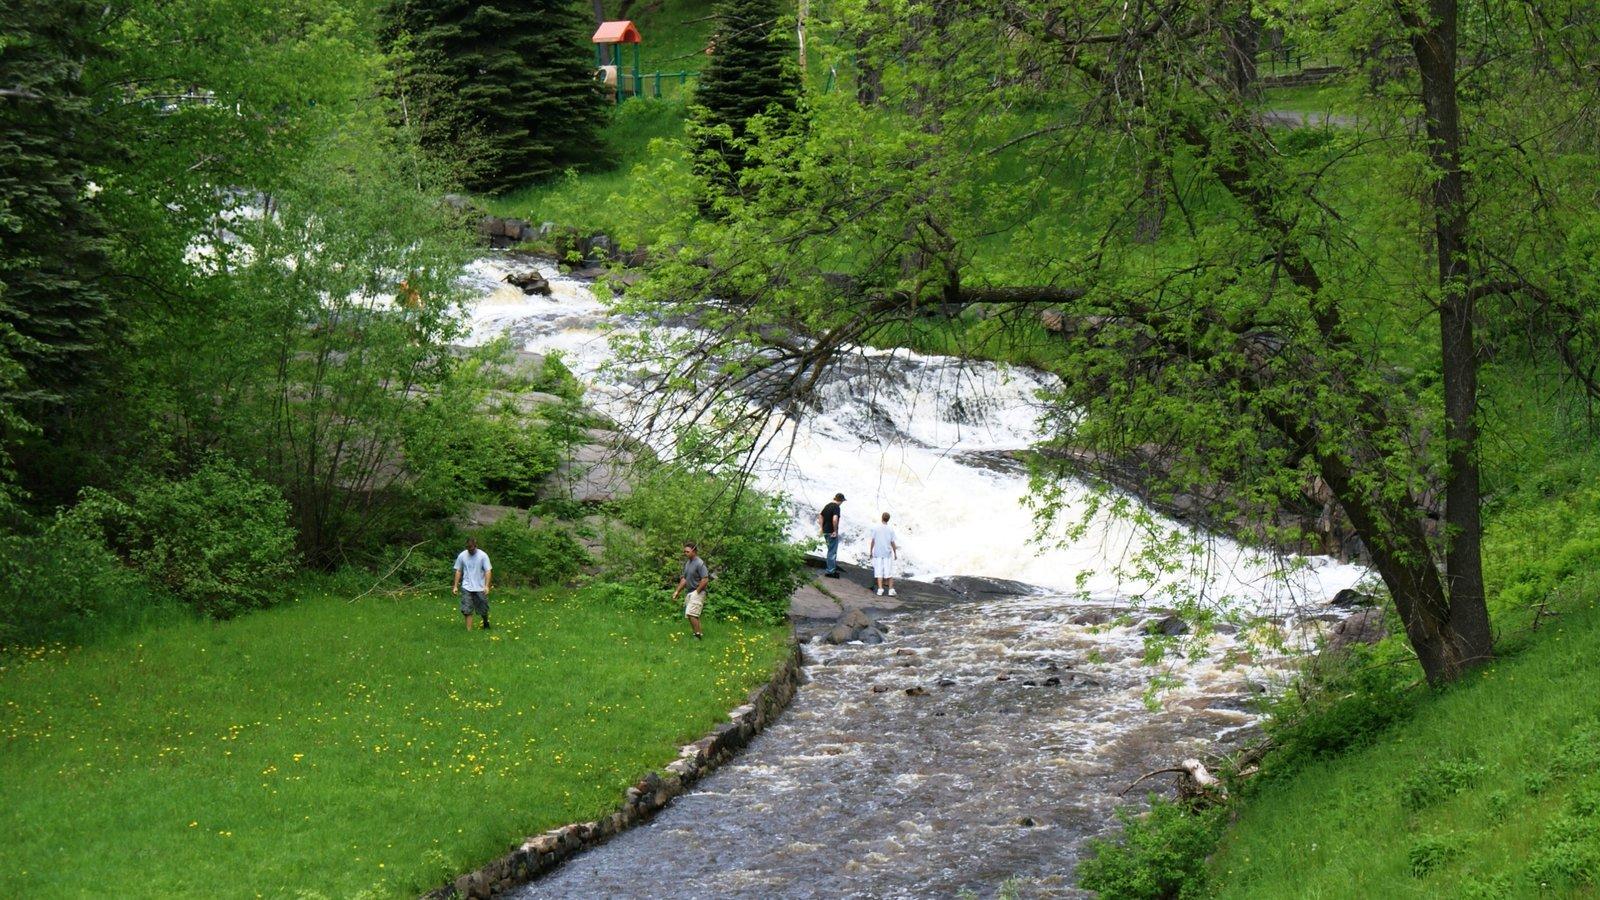 Duluth caracterizando um jardim, cenas tranquilas e escalada ou caminhada